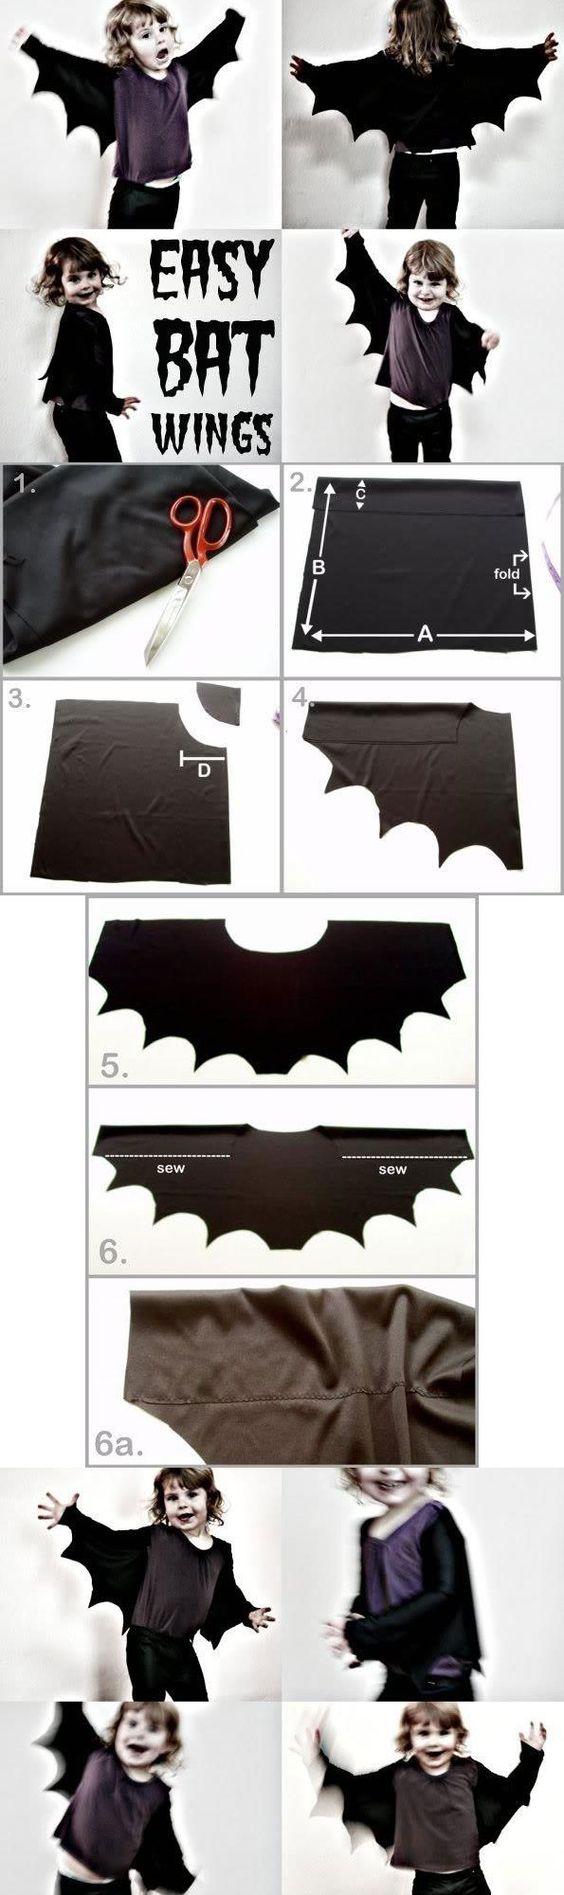 tolle #DIY #Verkleidung für Kinder - so wird jeder zur Fledermaus :-):